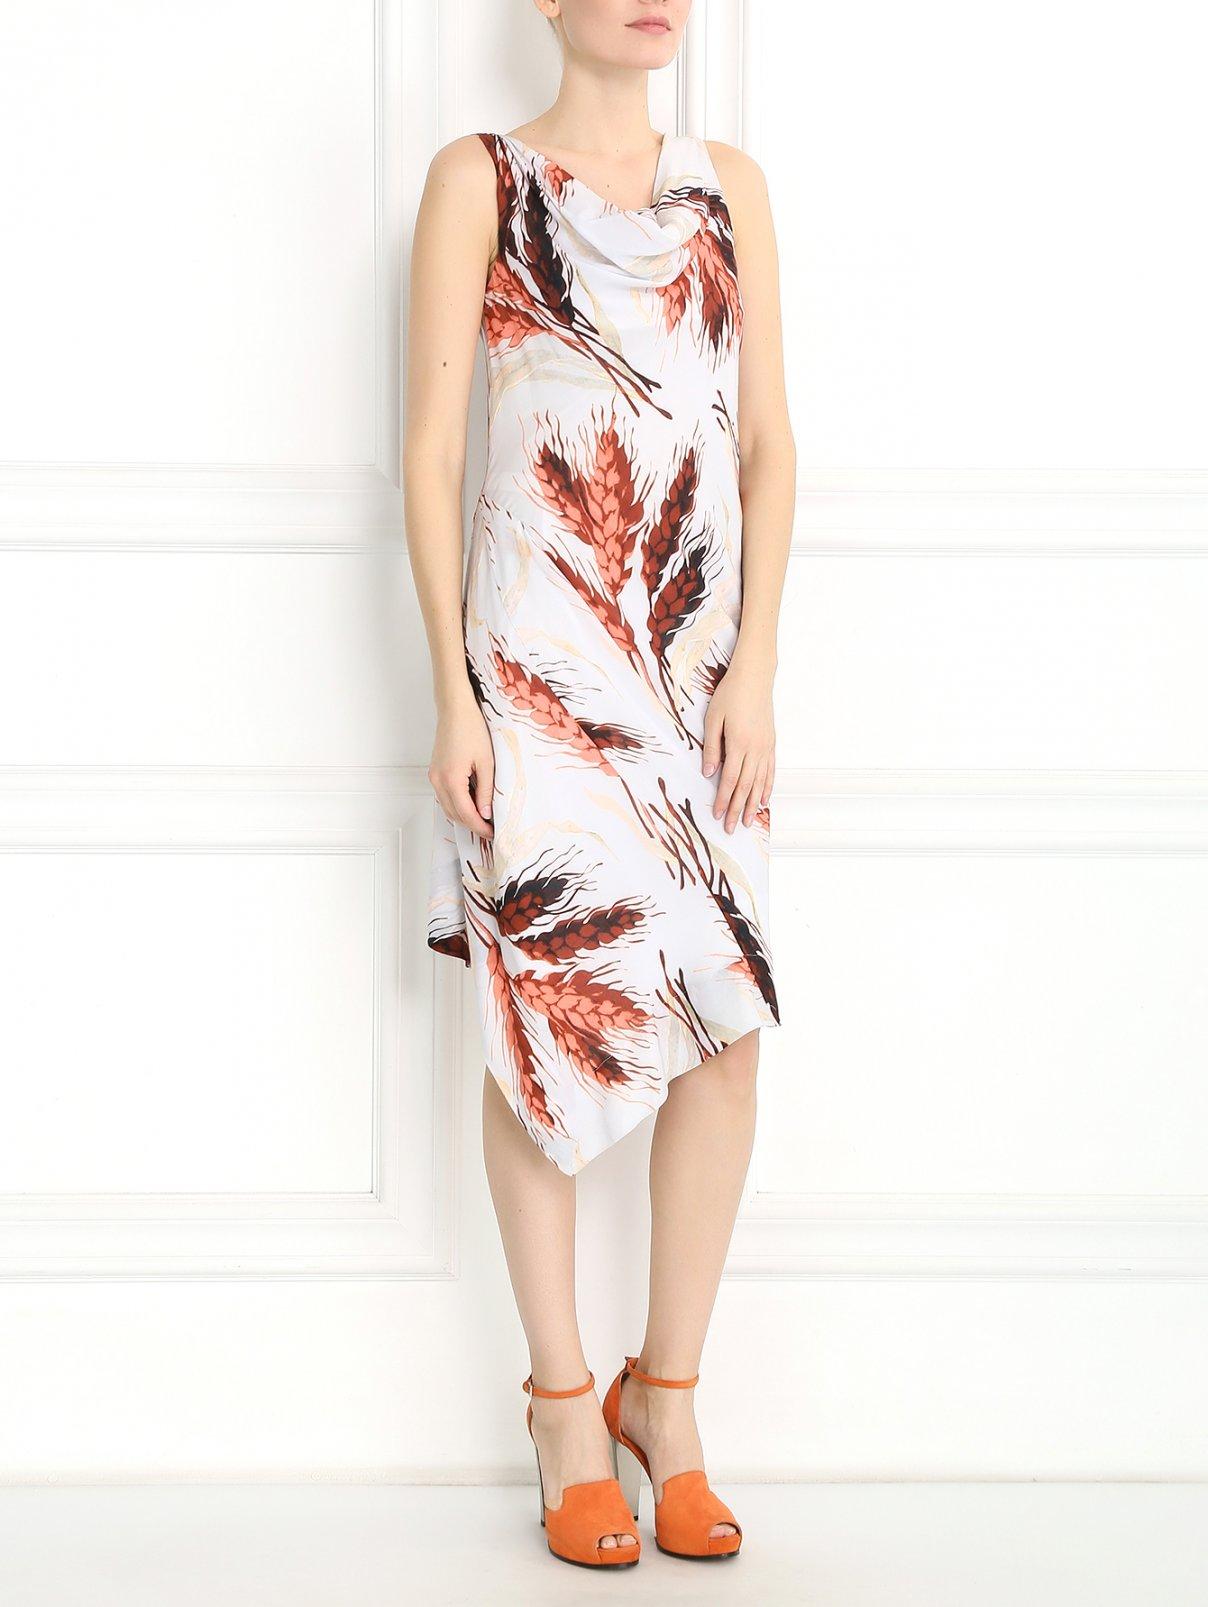 Платье-миди без рукавов с узором Vivienne Westwood  –  Модель Общий вид  – Цвет:  Серый